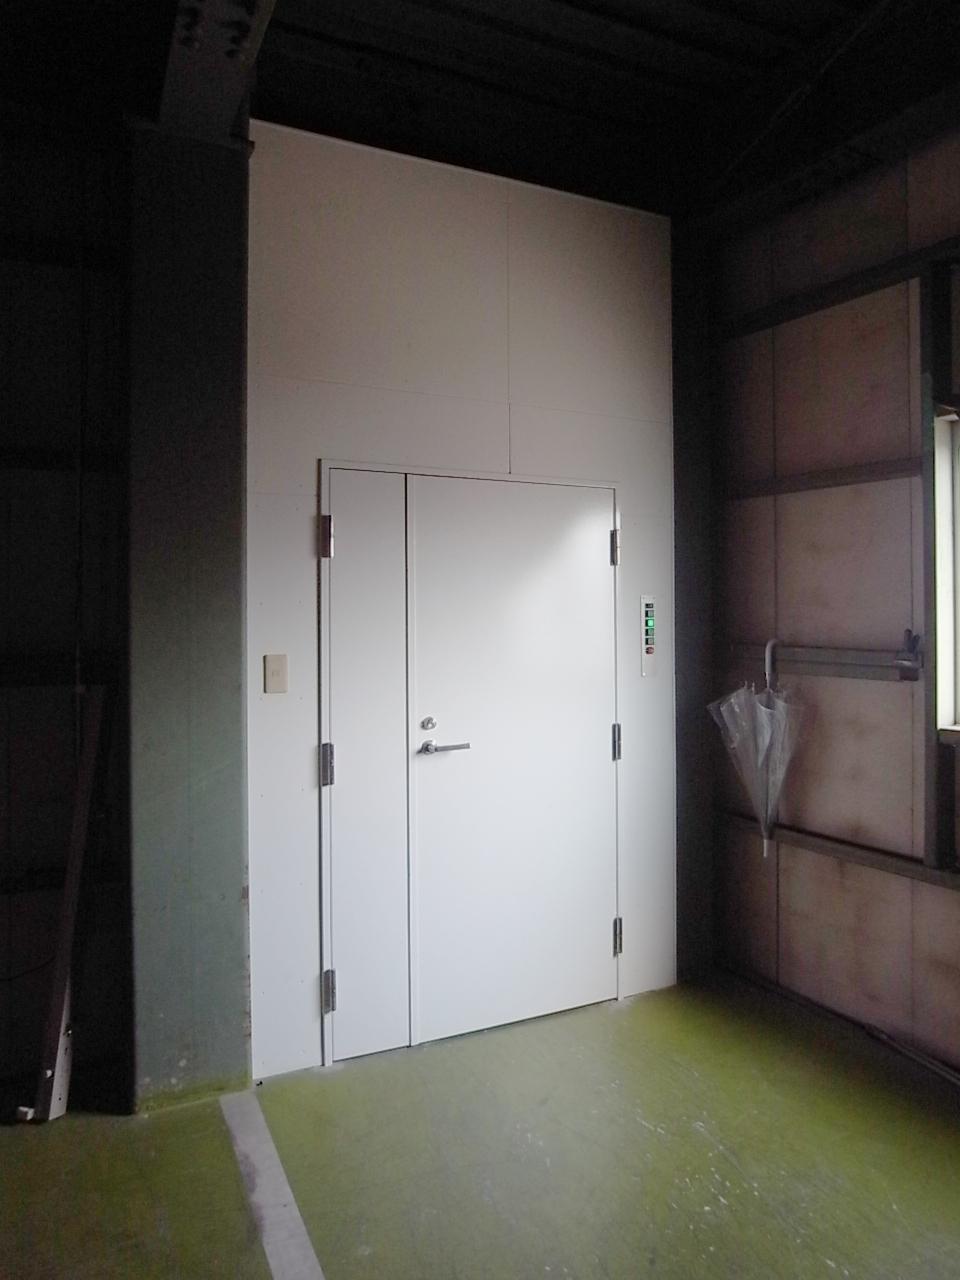 工業用エレベータは重量物の運搬に